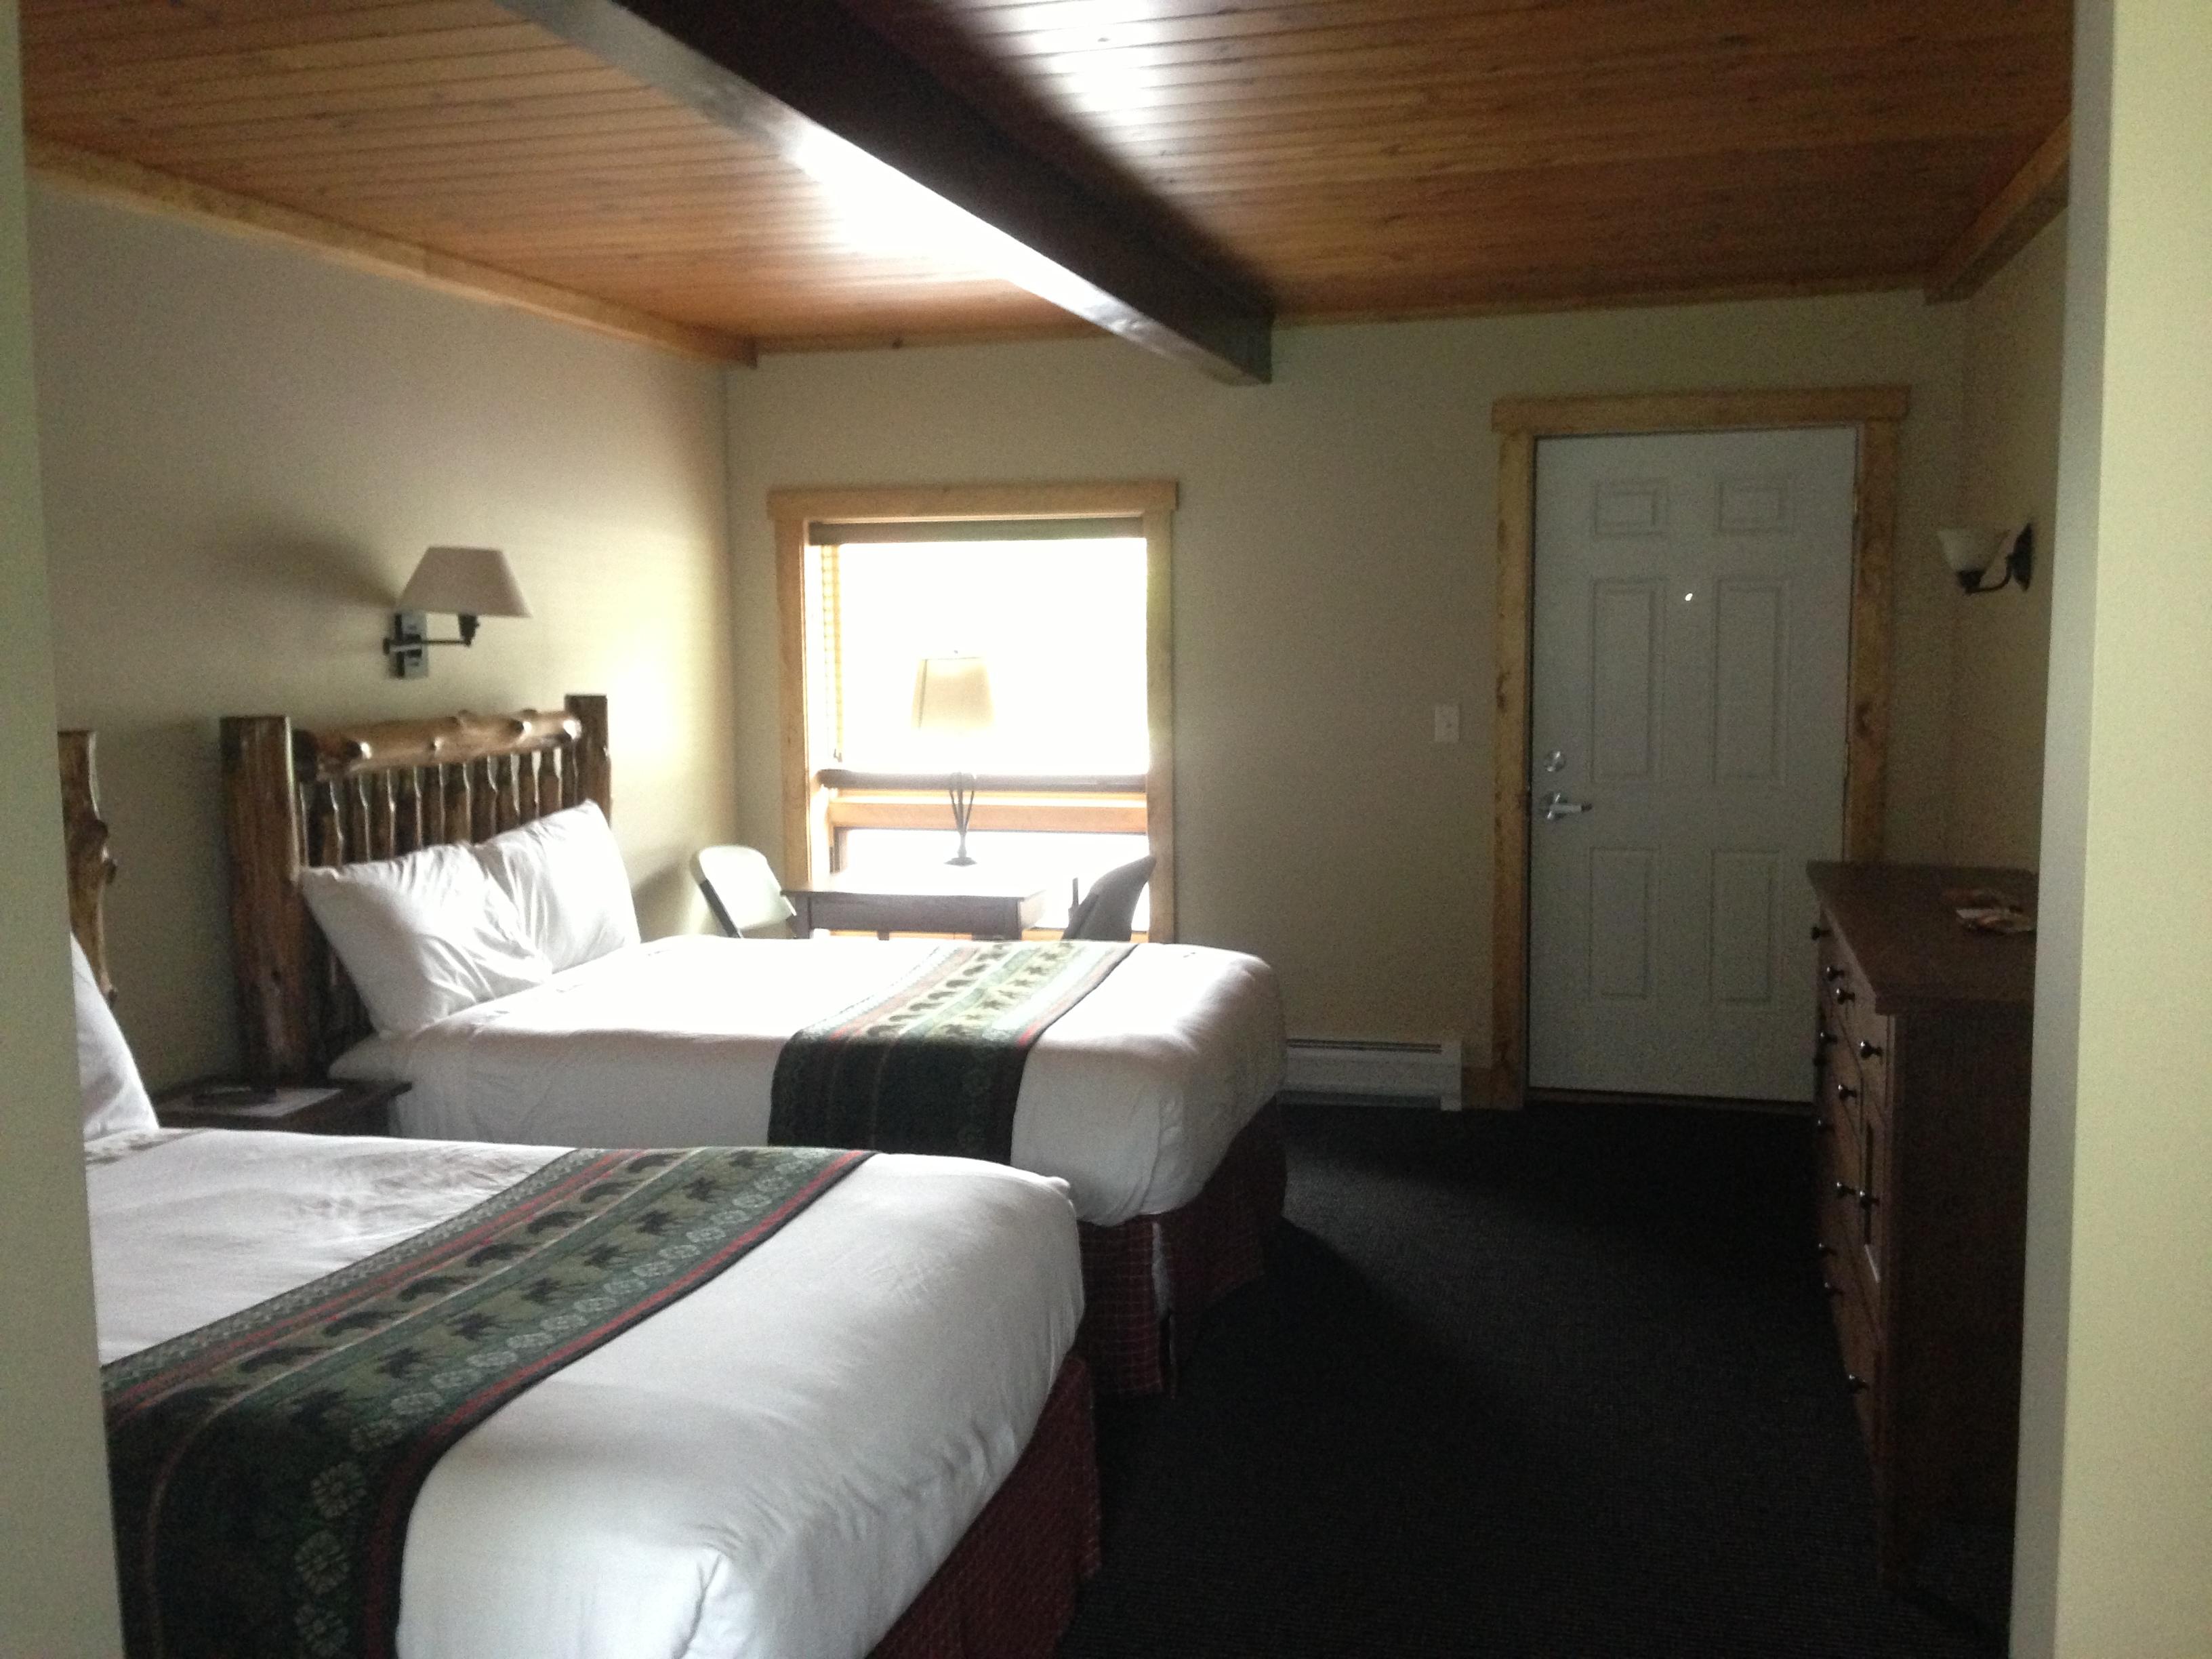 Timber Inn Motel, Ludlow VT